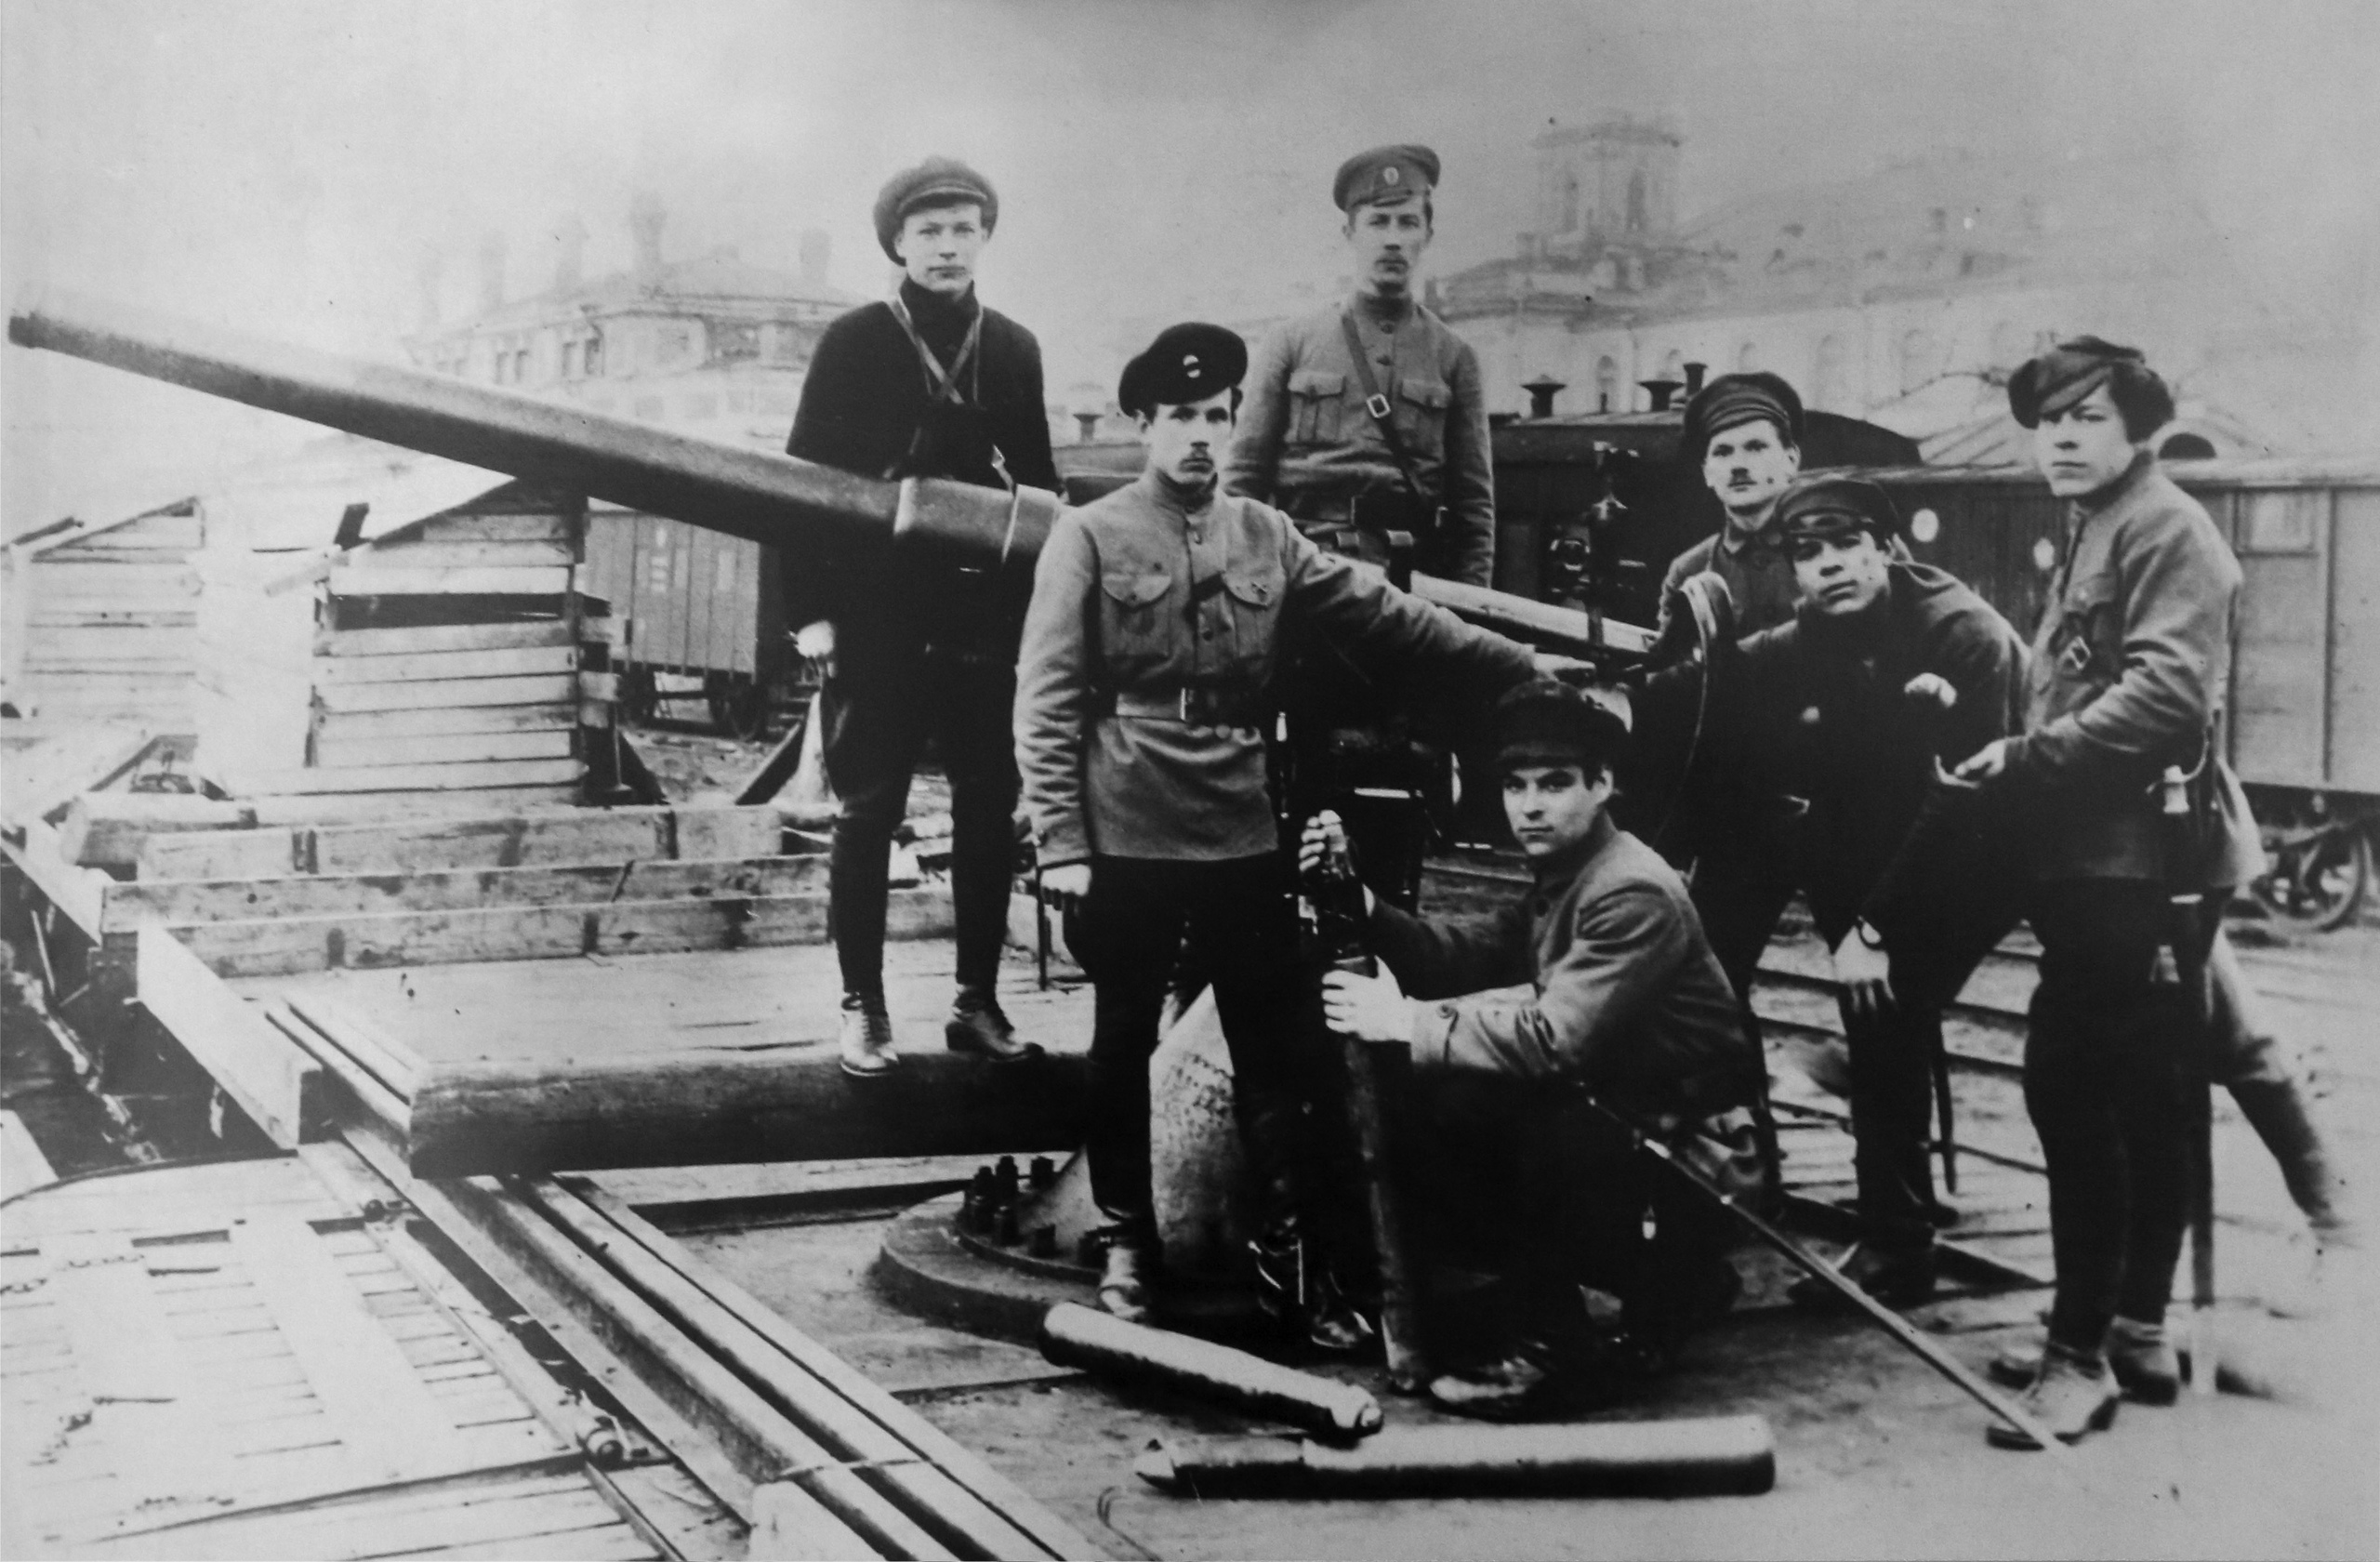 1918.Орудийная установка на,платформе товарного вагона с обслуживающей орудие артиллерийской прислугой. Петроград